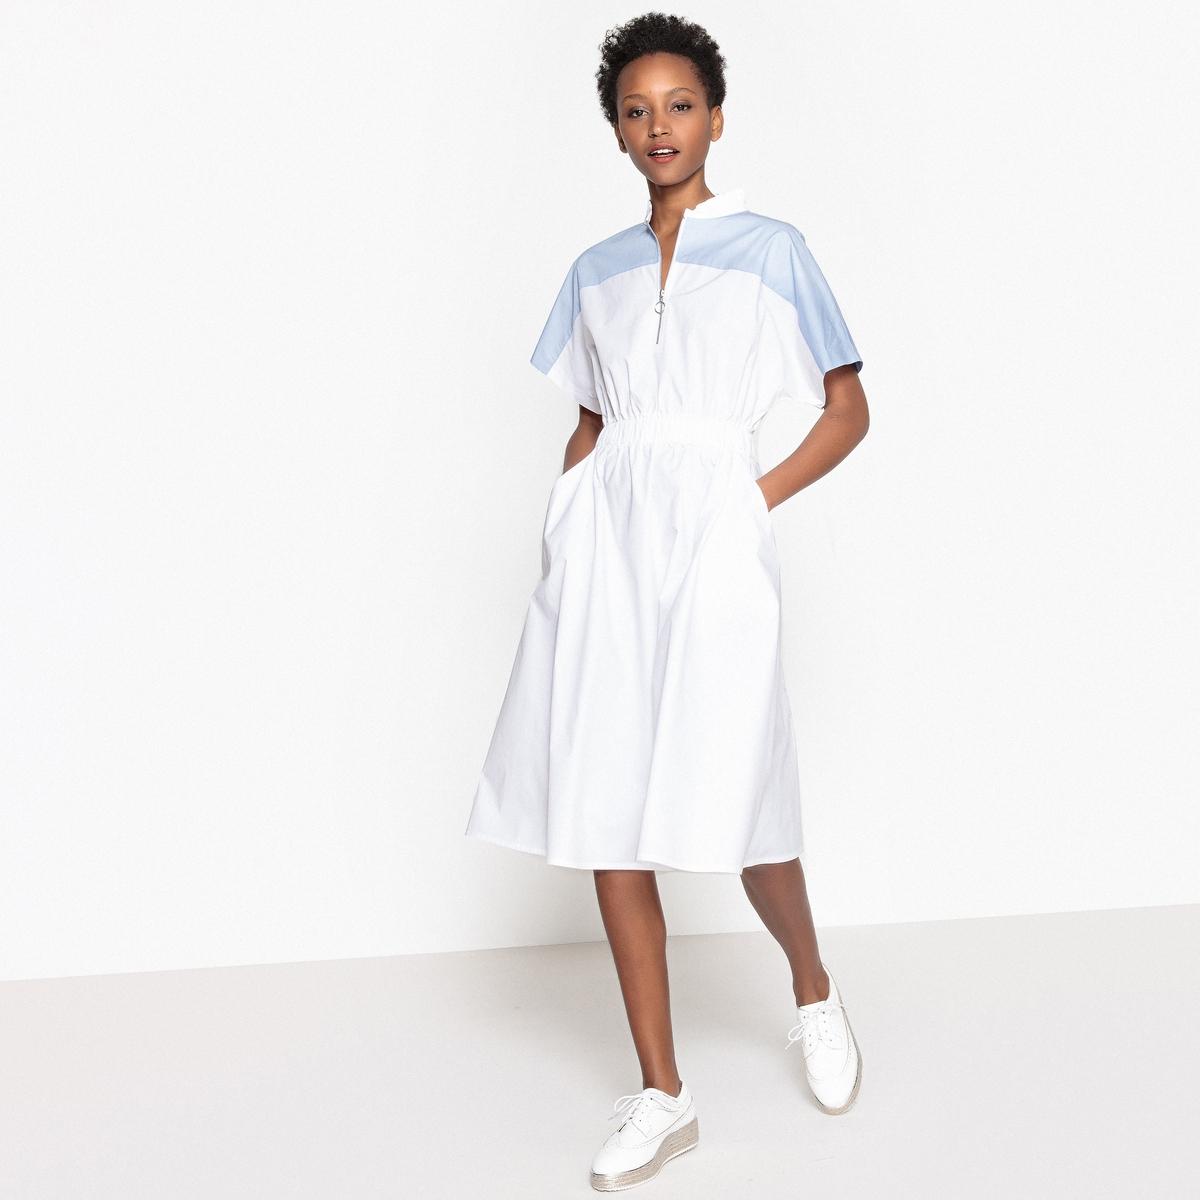 Платье в стиле колорблок с застежкой на молнию спереди и эластичным поясом